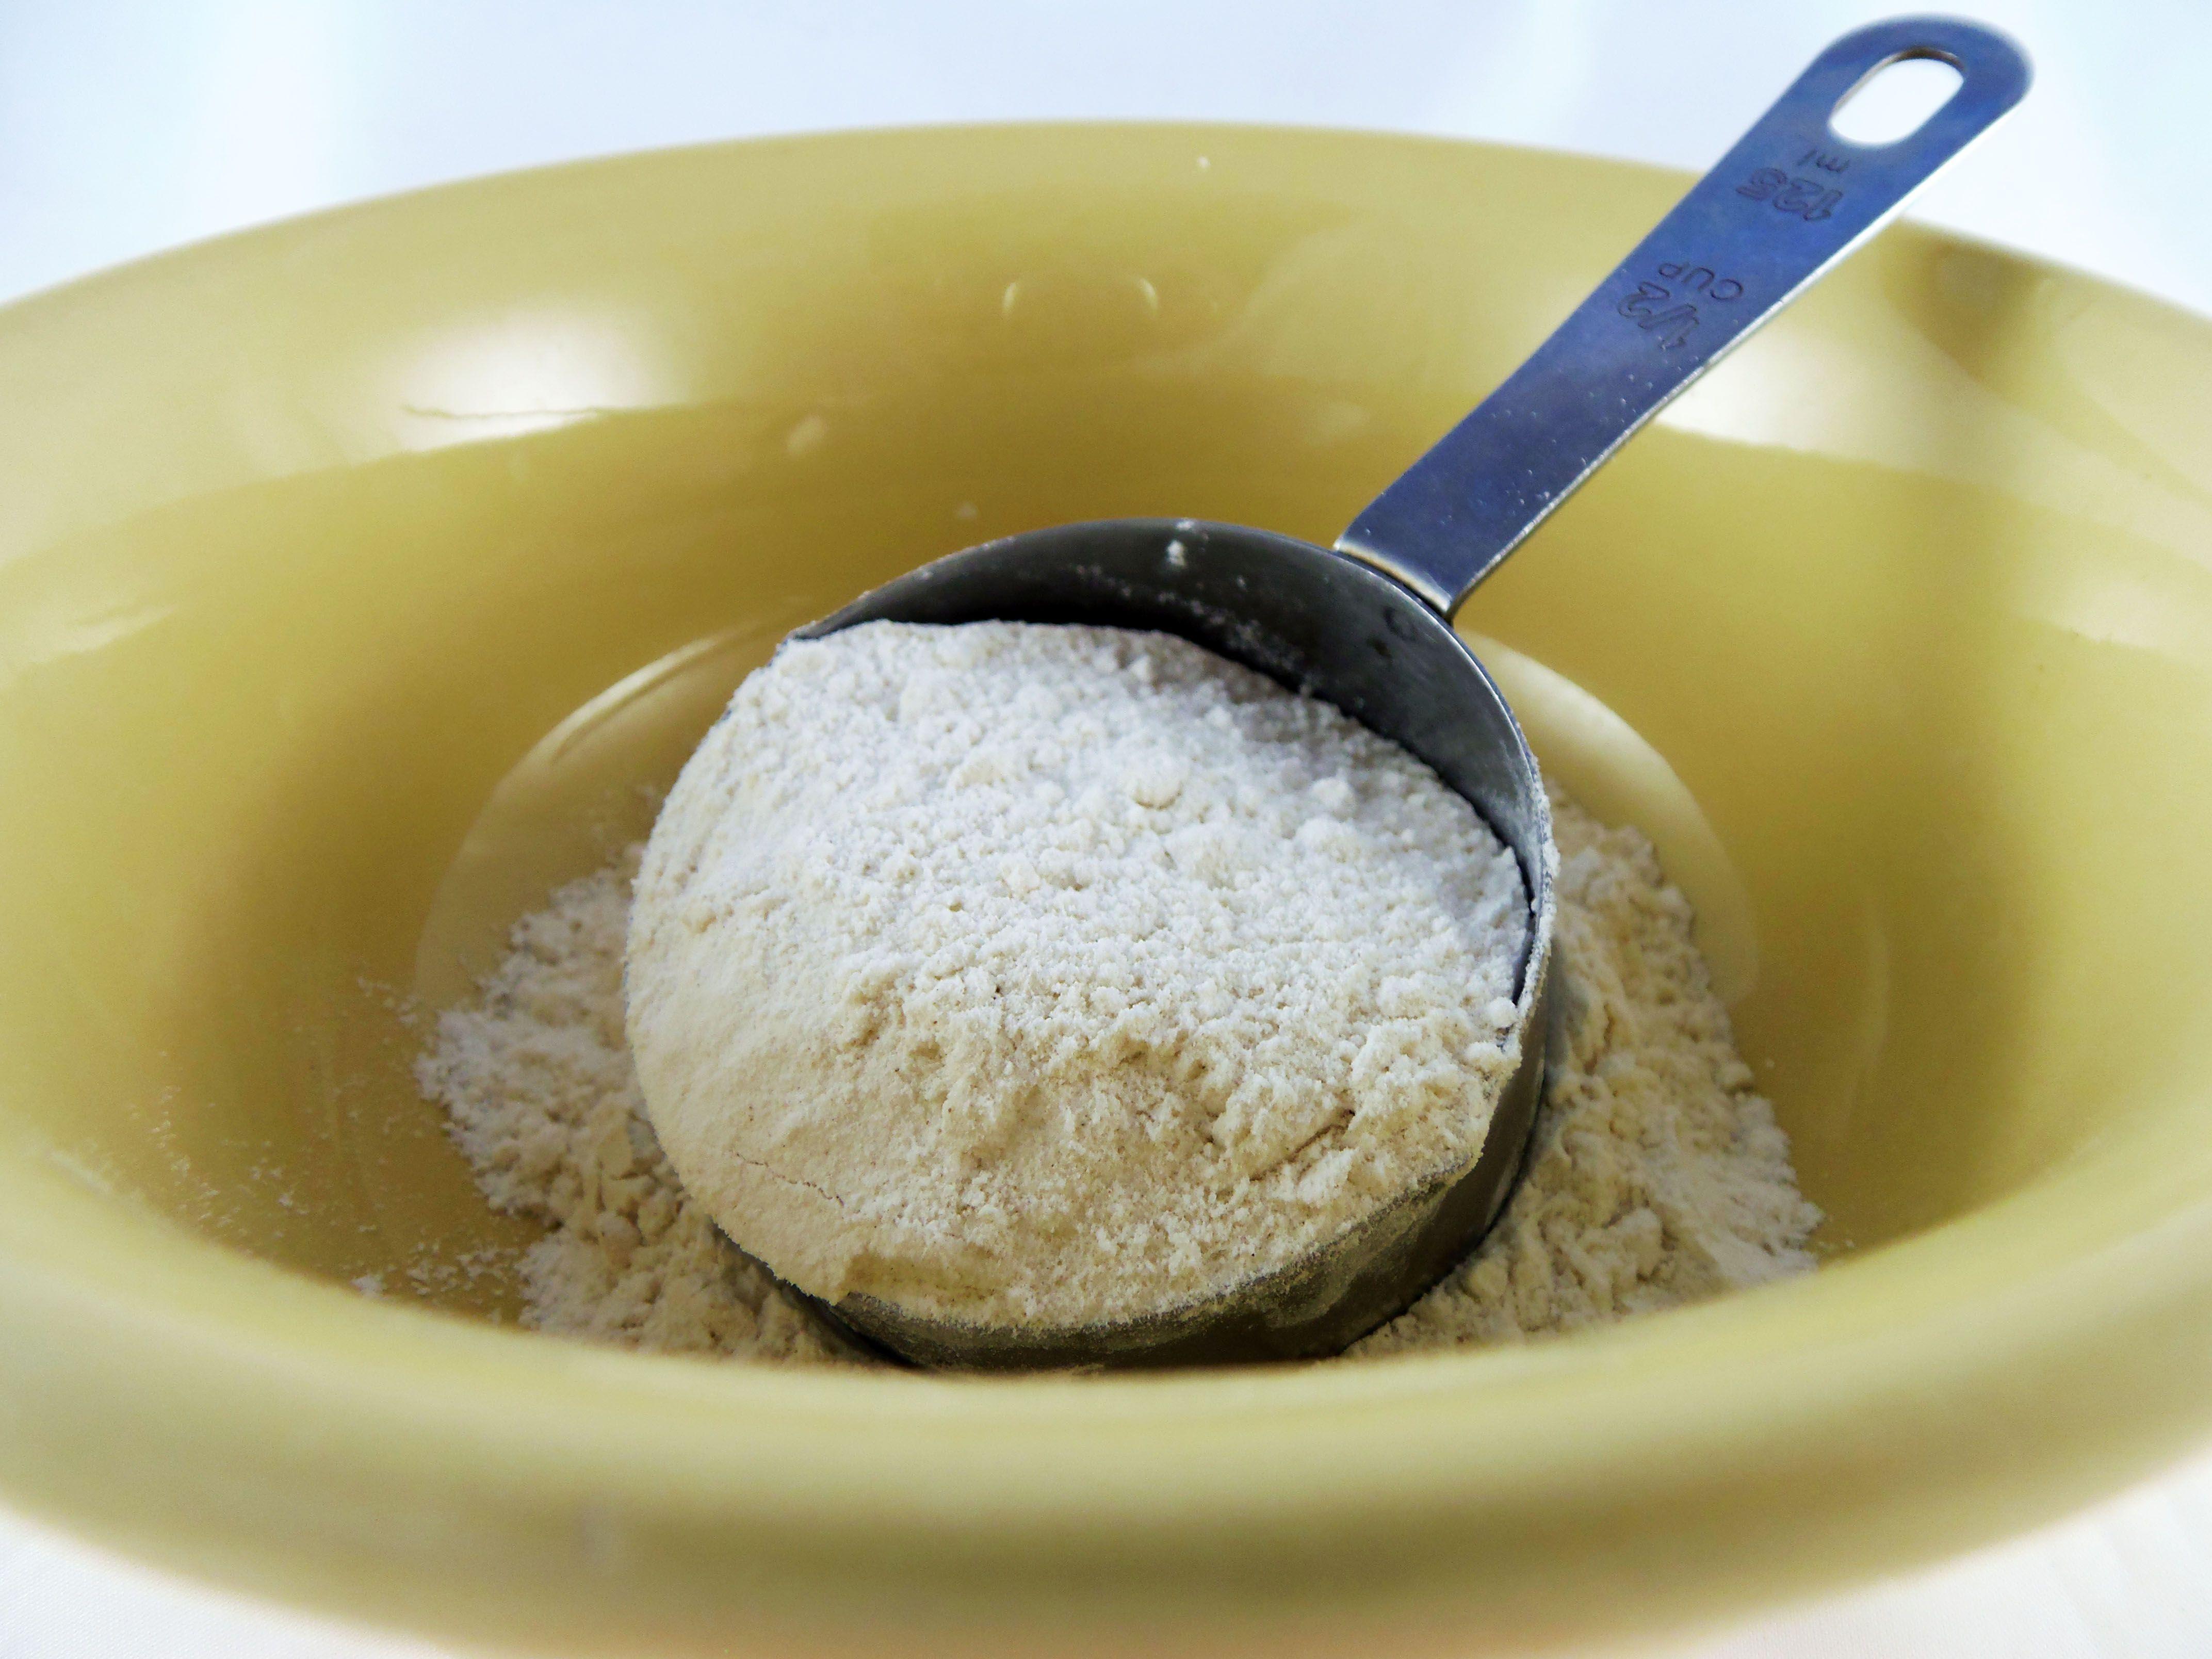 Artinya Cake Flour : Simple Recipe for Cake Flour Substitute